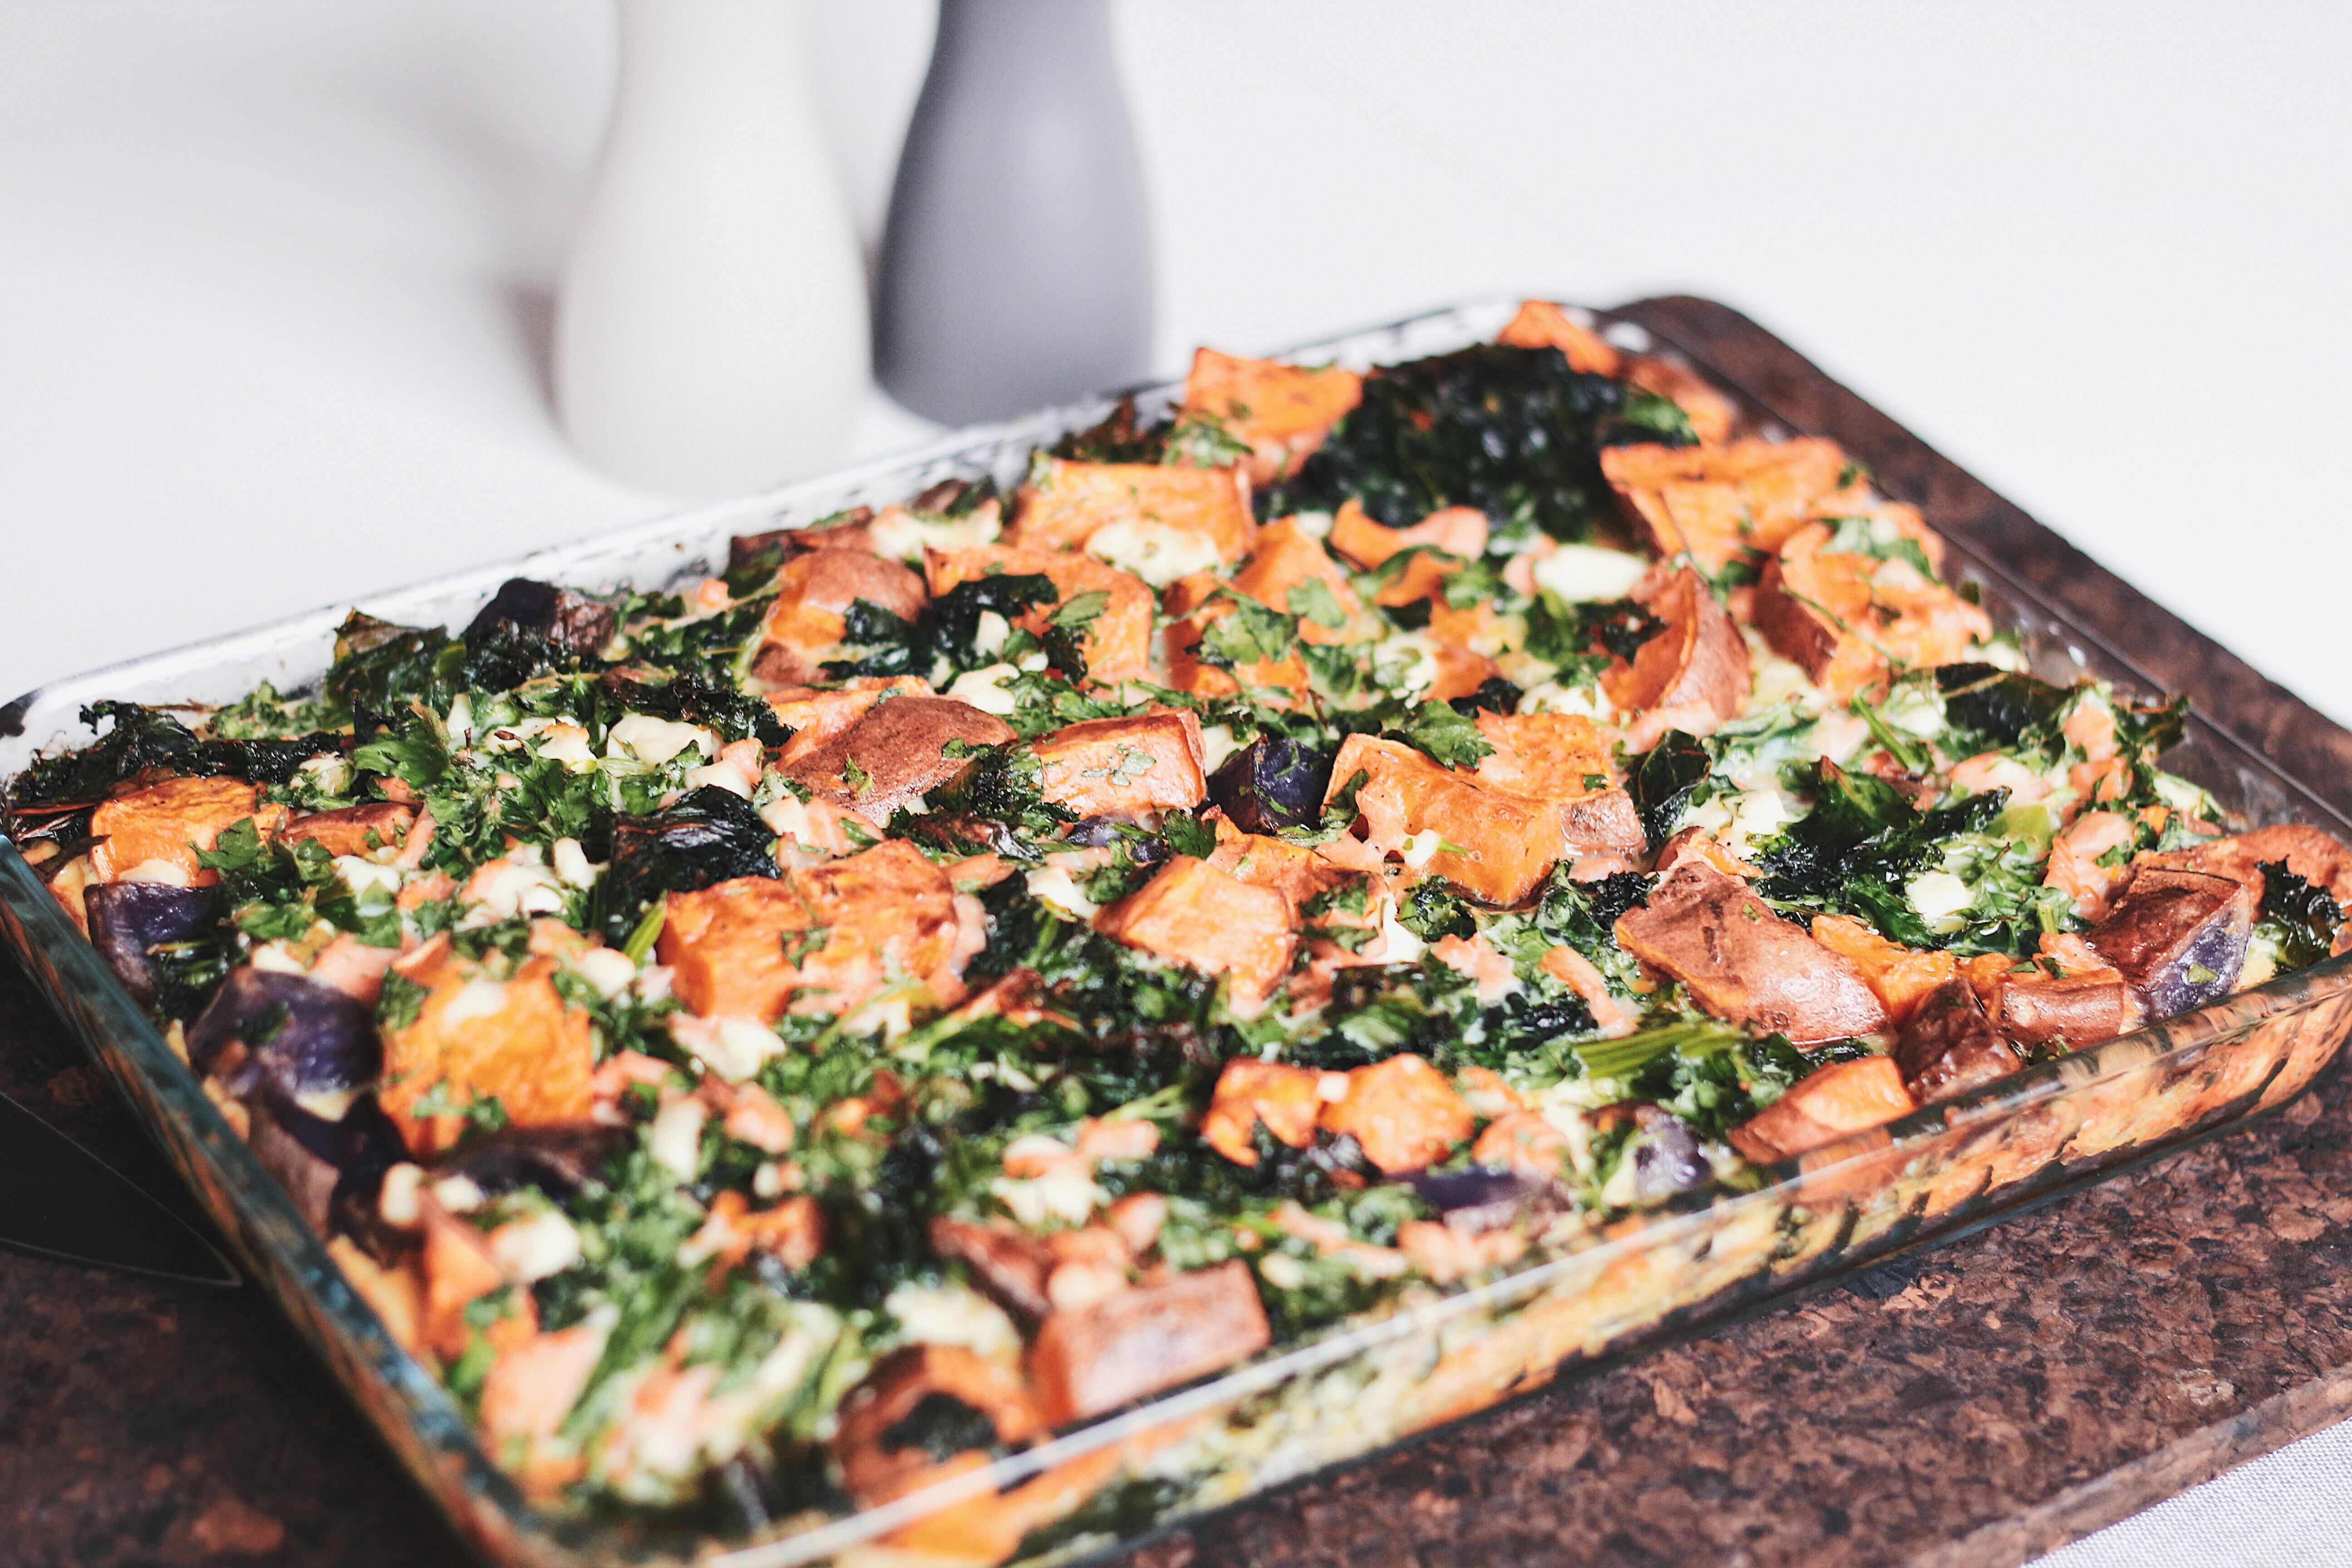 Zapiekanka frittata z batatami, fioletowymi ziemniakami, jarmużem i łososiem.